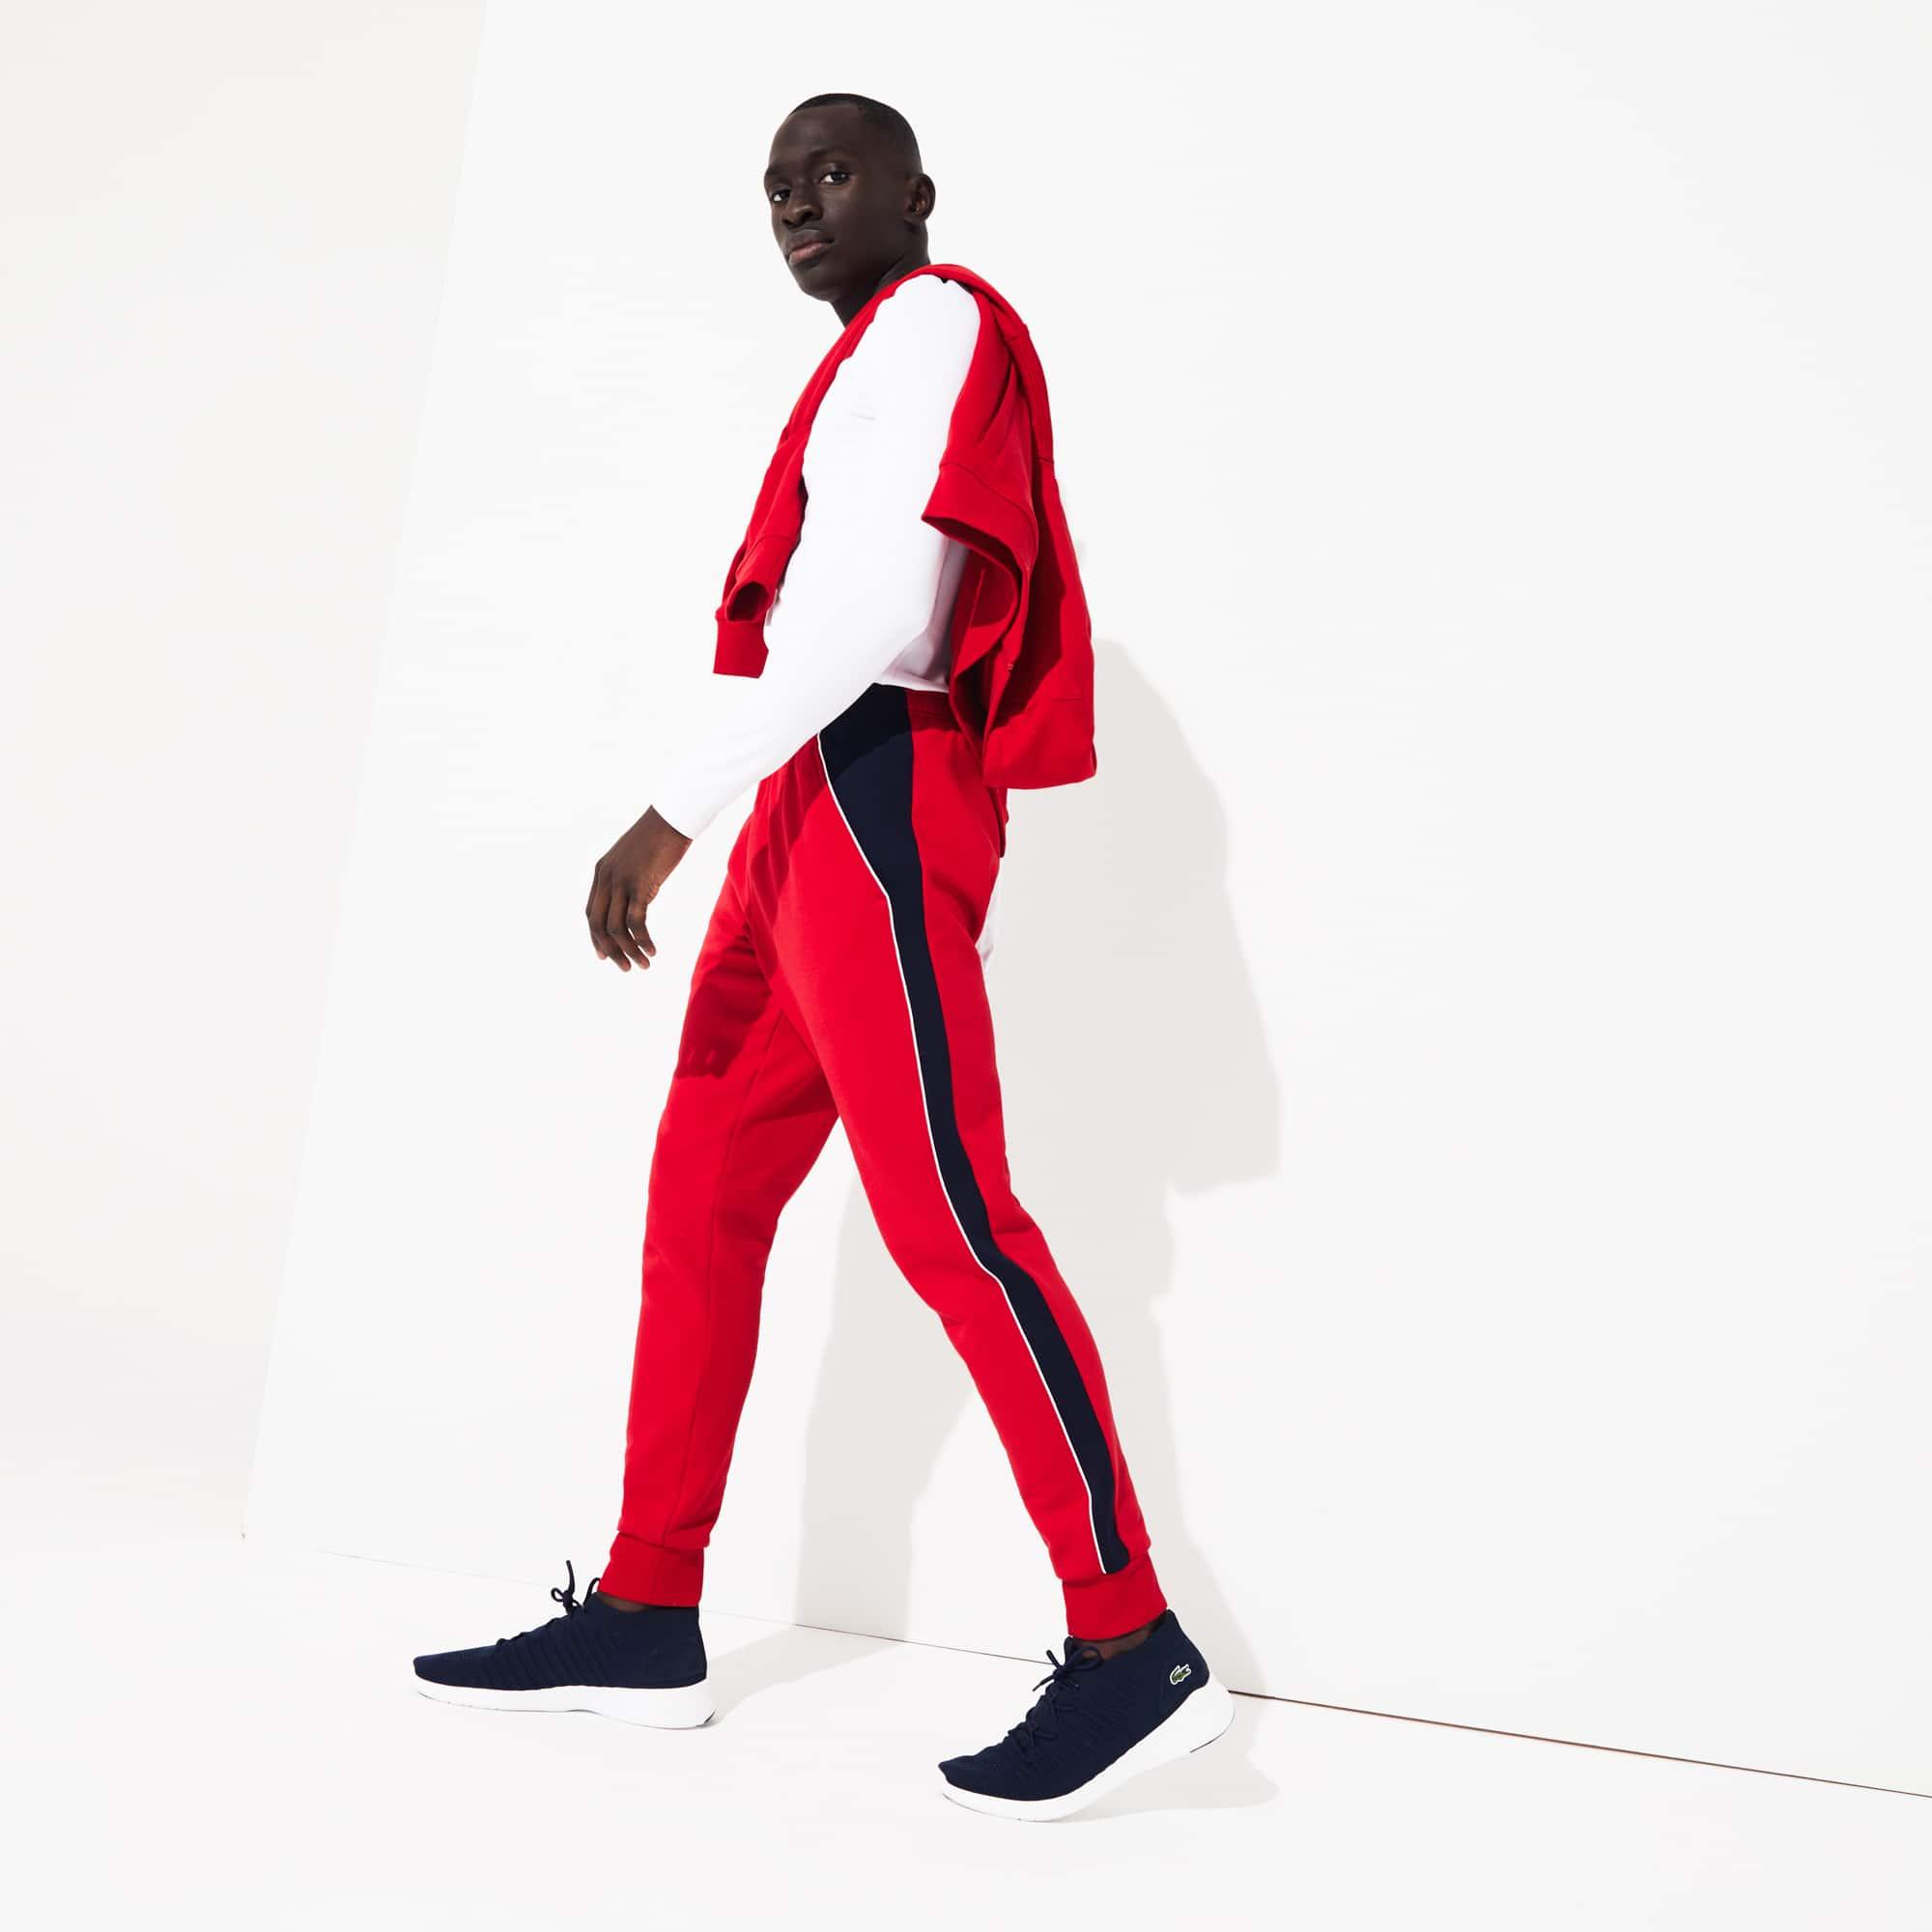 라코스테 Lacoste Mens SPORT Colorblock Bands Fleece Sweatpants,Red / Navy Blue / White - 457